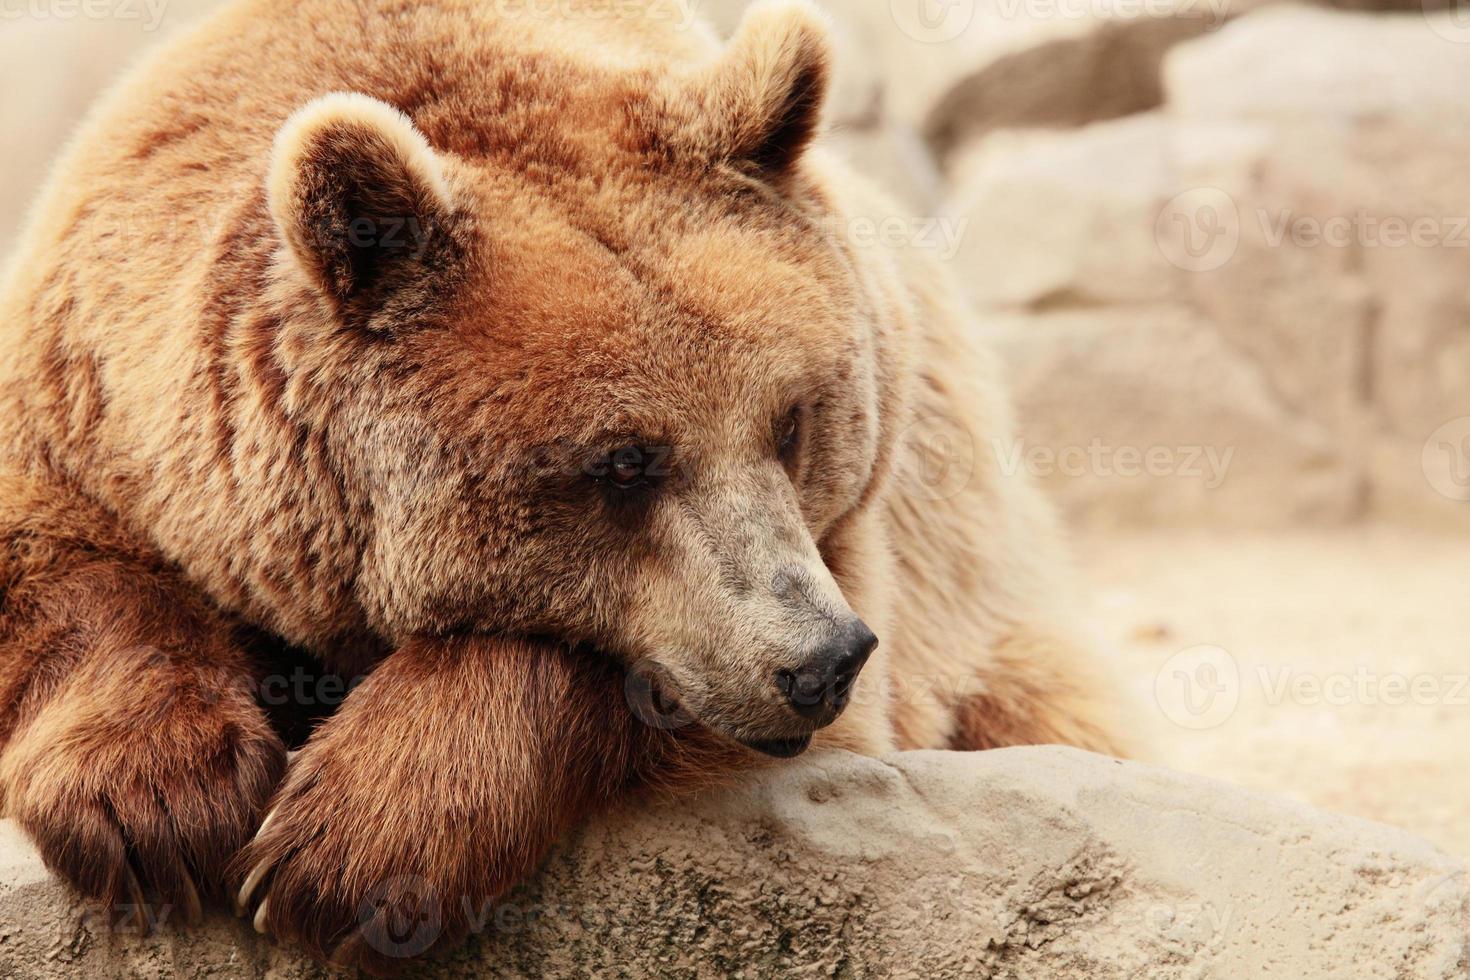 la cara de un oso foto